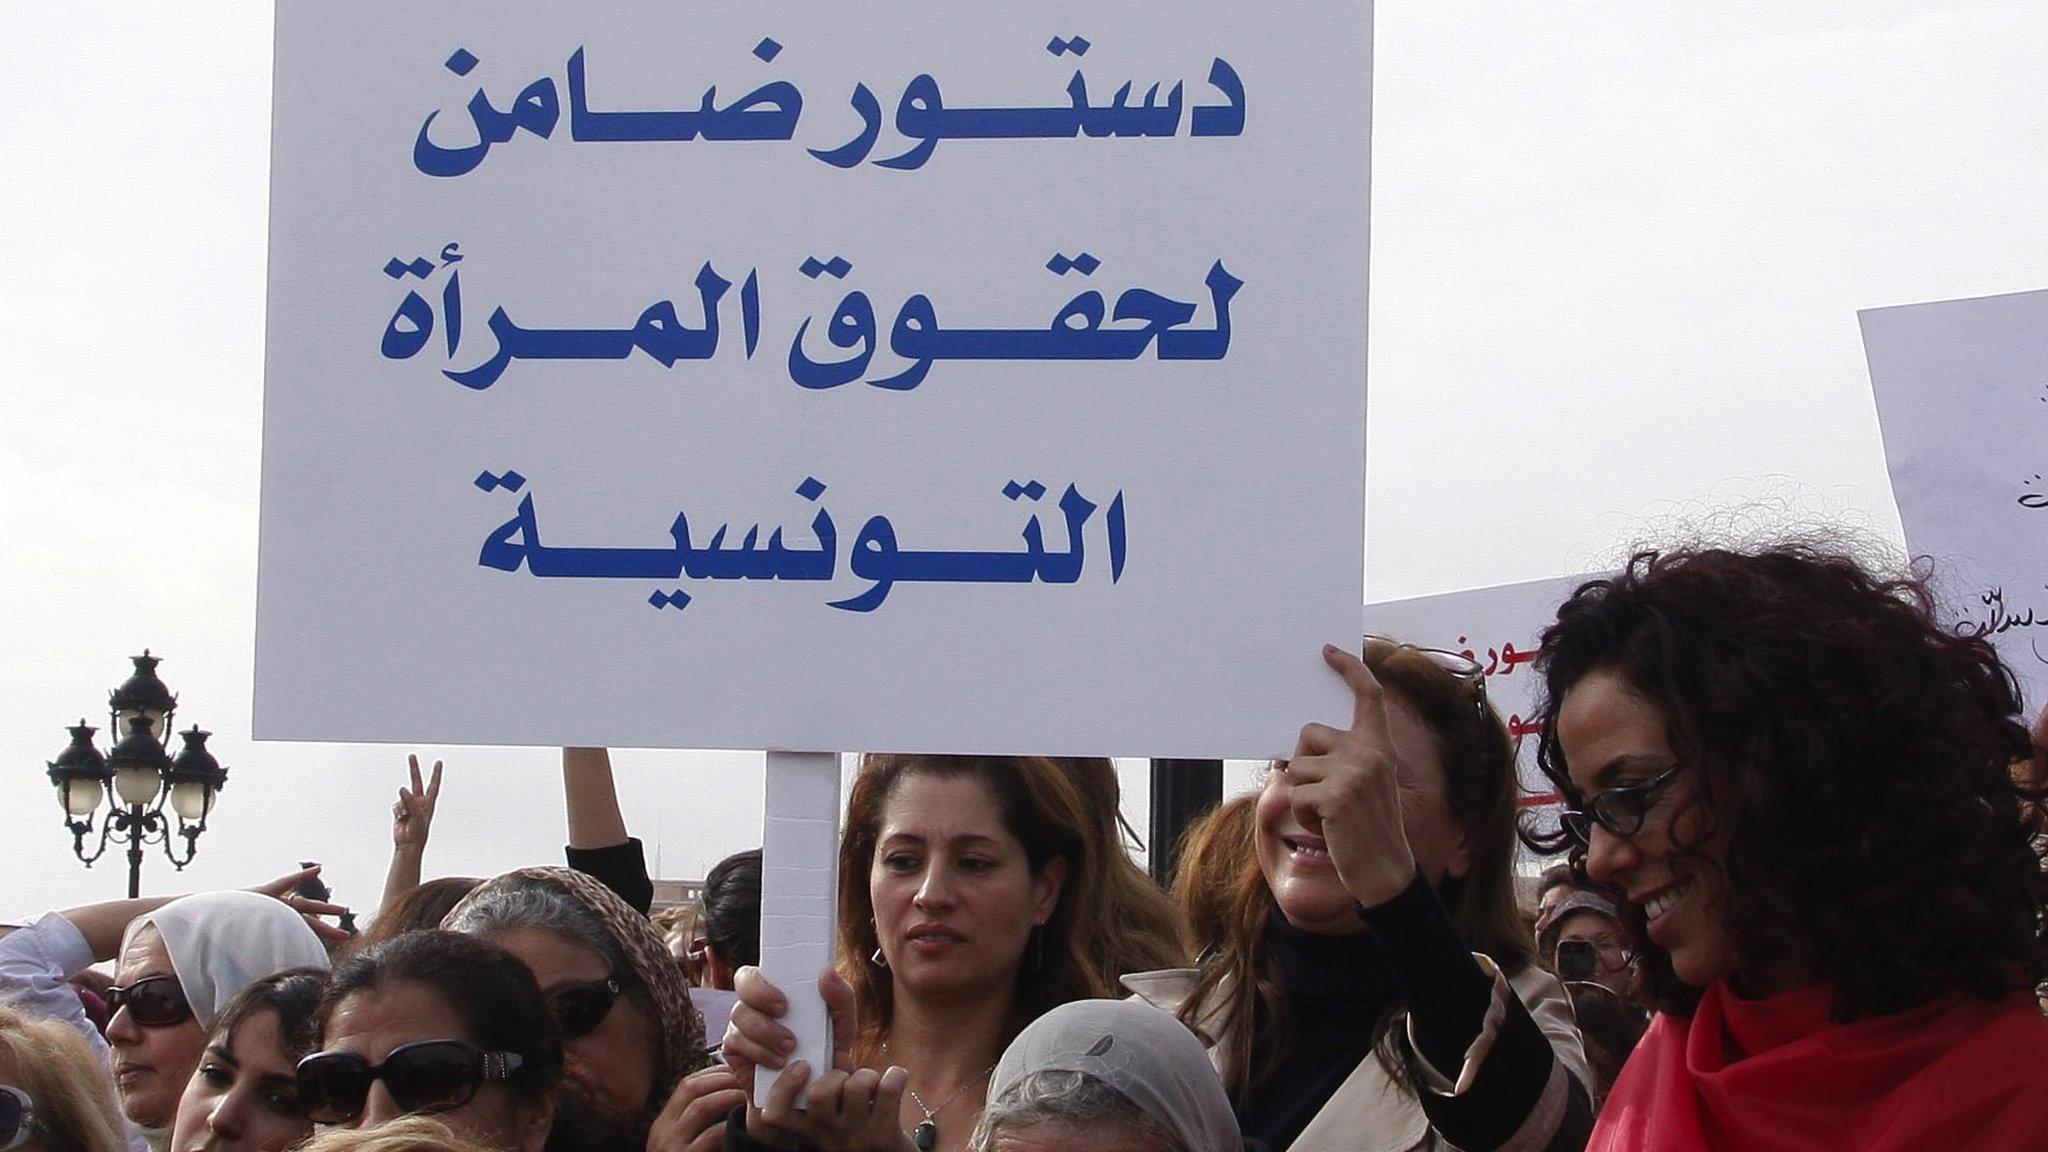 أثار الاعتداء غضبا واسعا في تونس